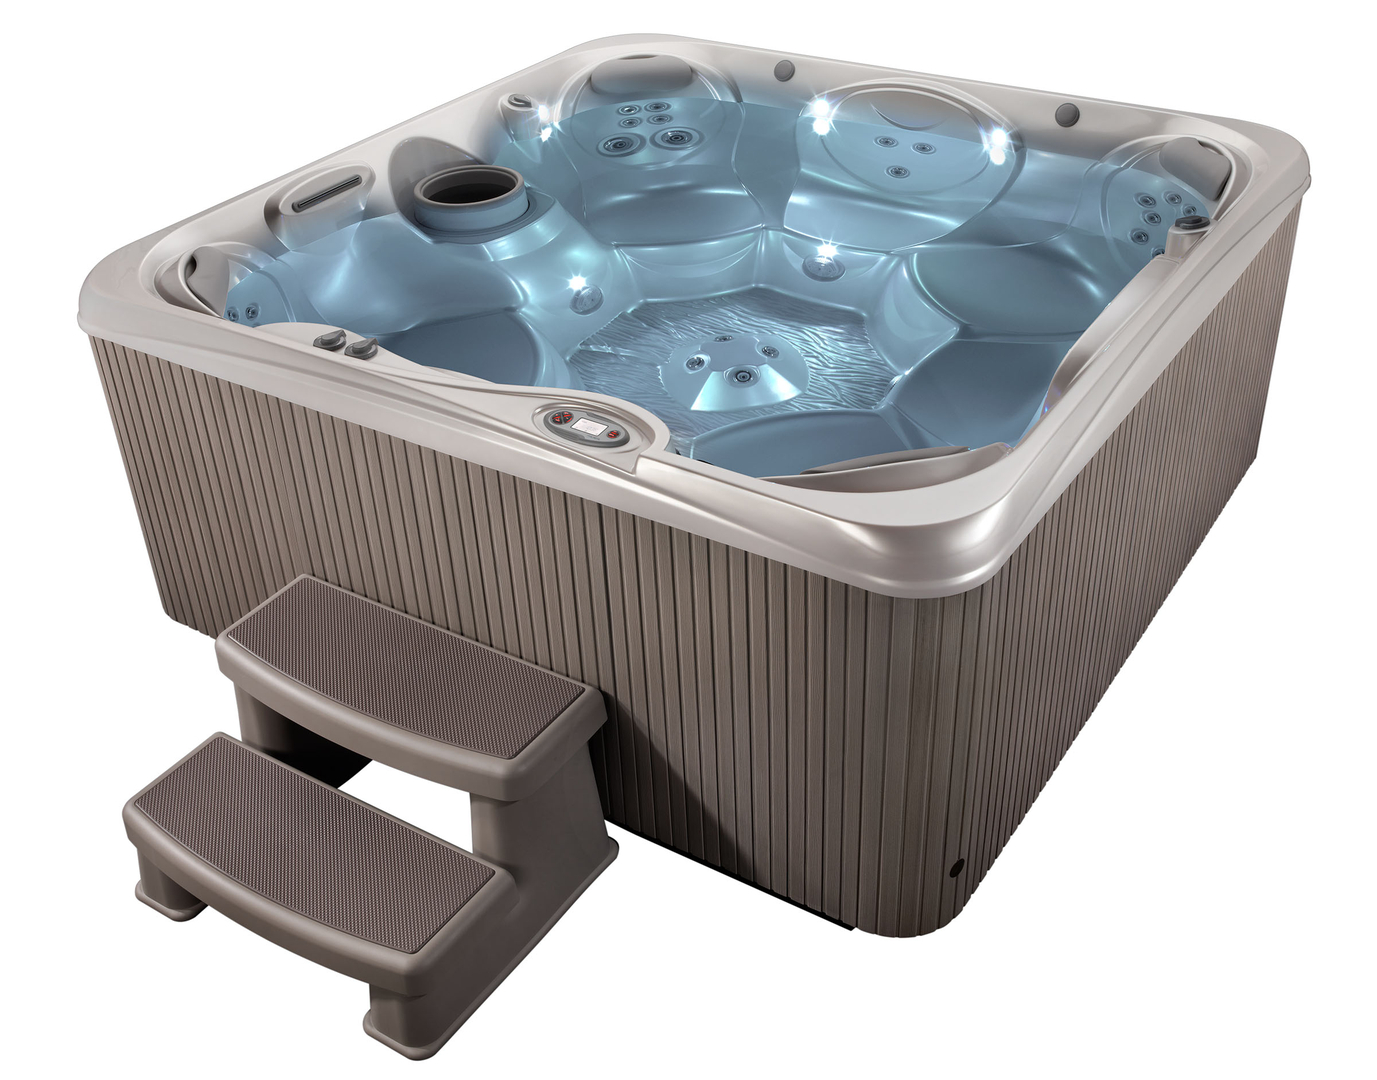 WaterWorksHawaii.com - Hot Tubs